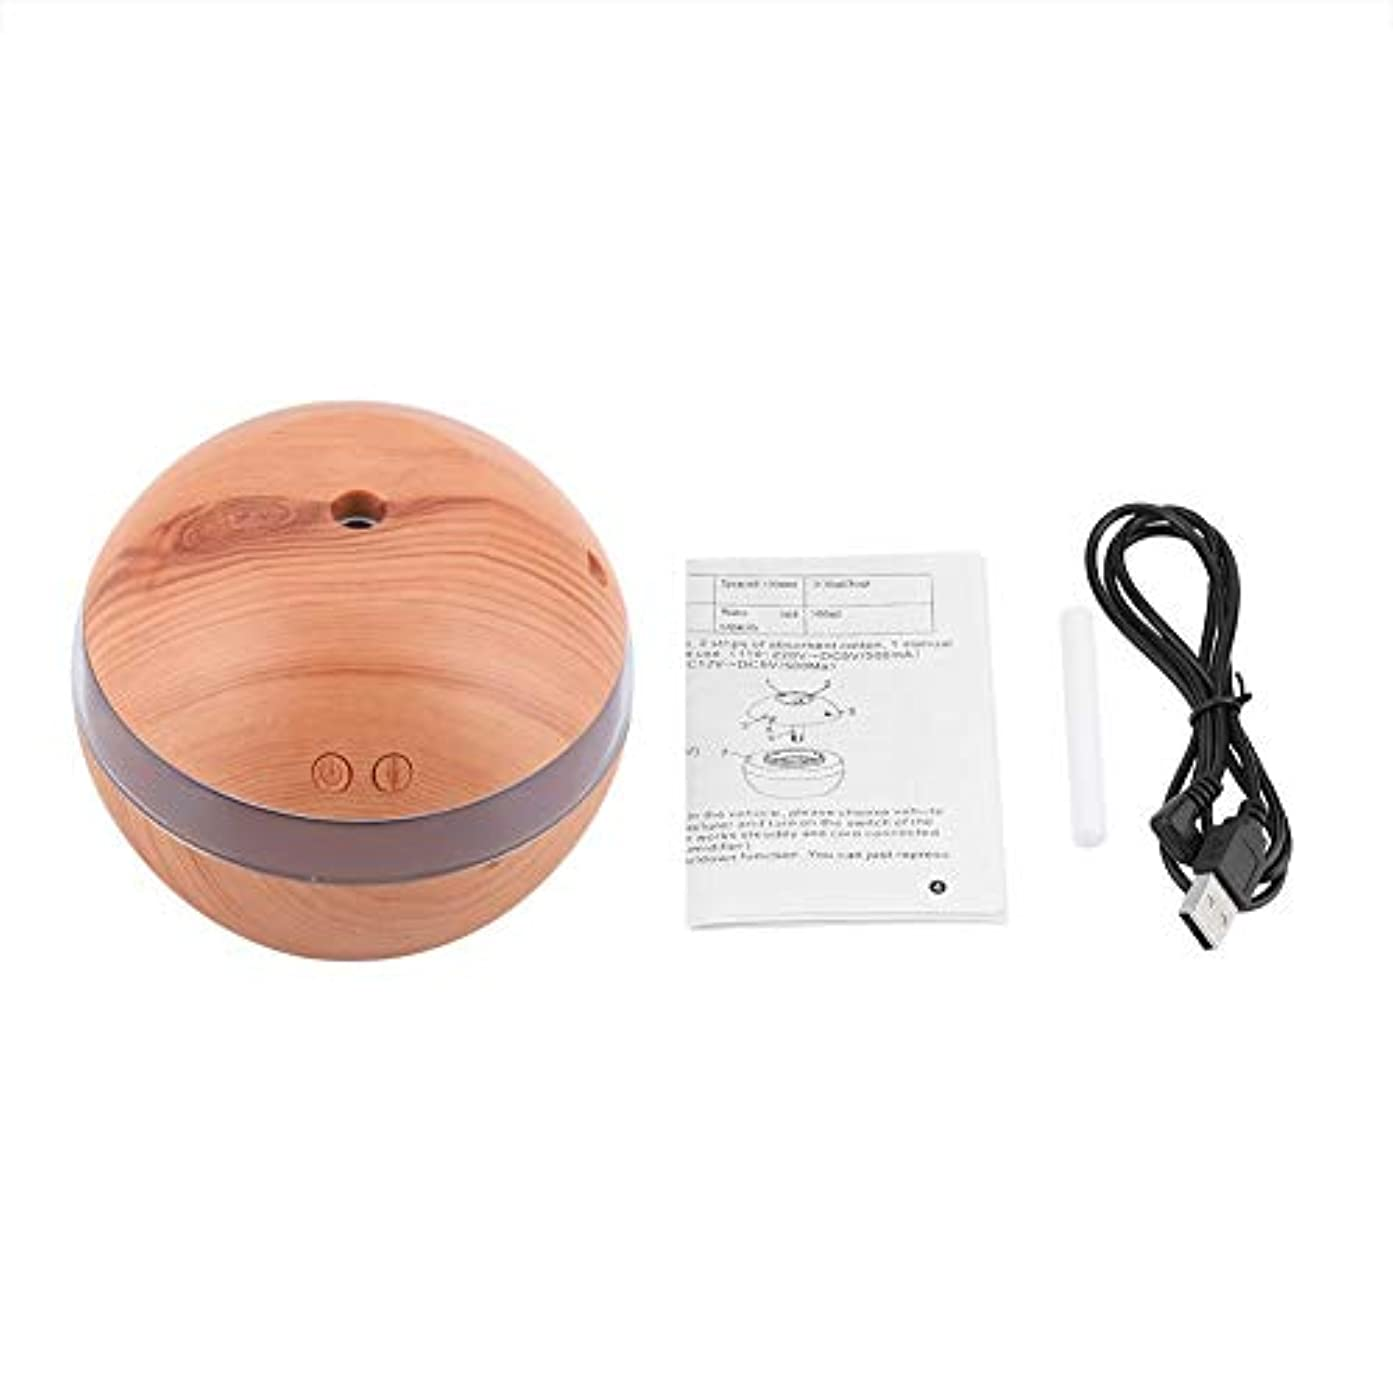 息苦しいメロディアスジャングル木製加湿器ディフューザー、300ml USBスーパーライトアロマセラピーエッセンシャルオイルアロマディフューザー、LEDライト付き(軽い木製)